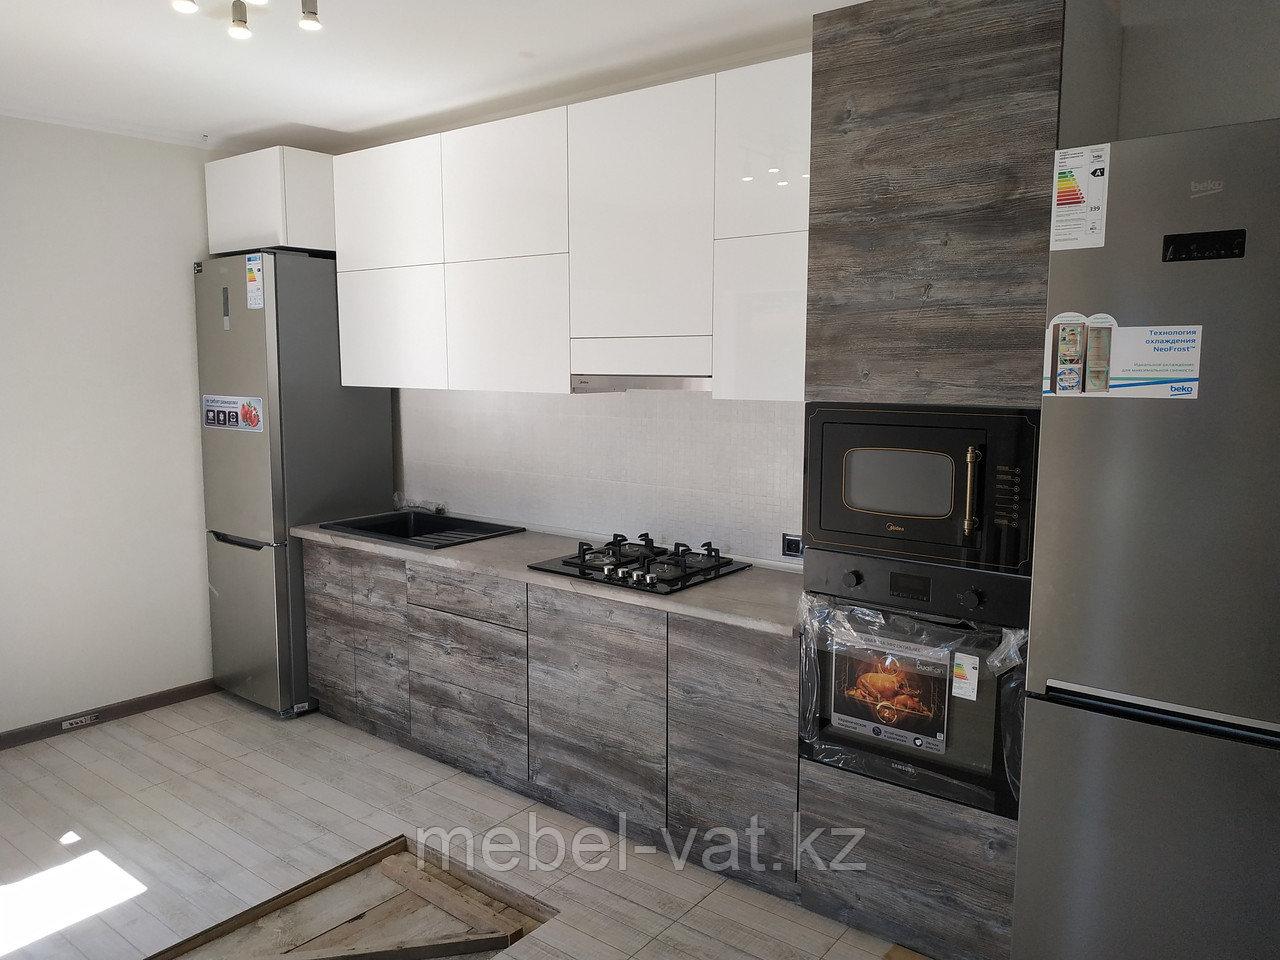 Кухонный гарнитур в двух цветах